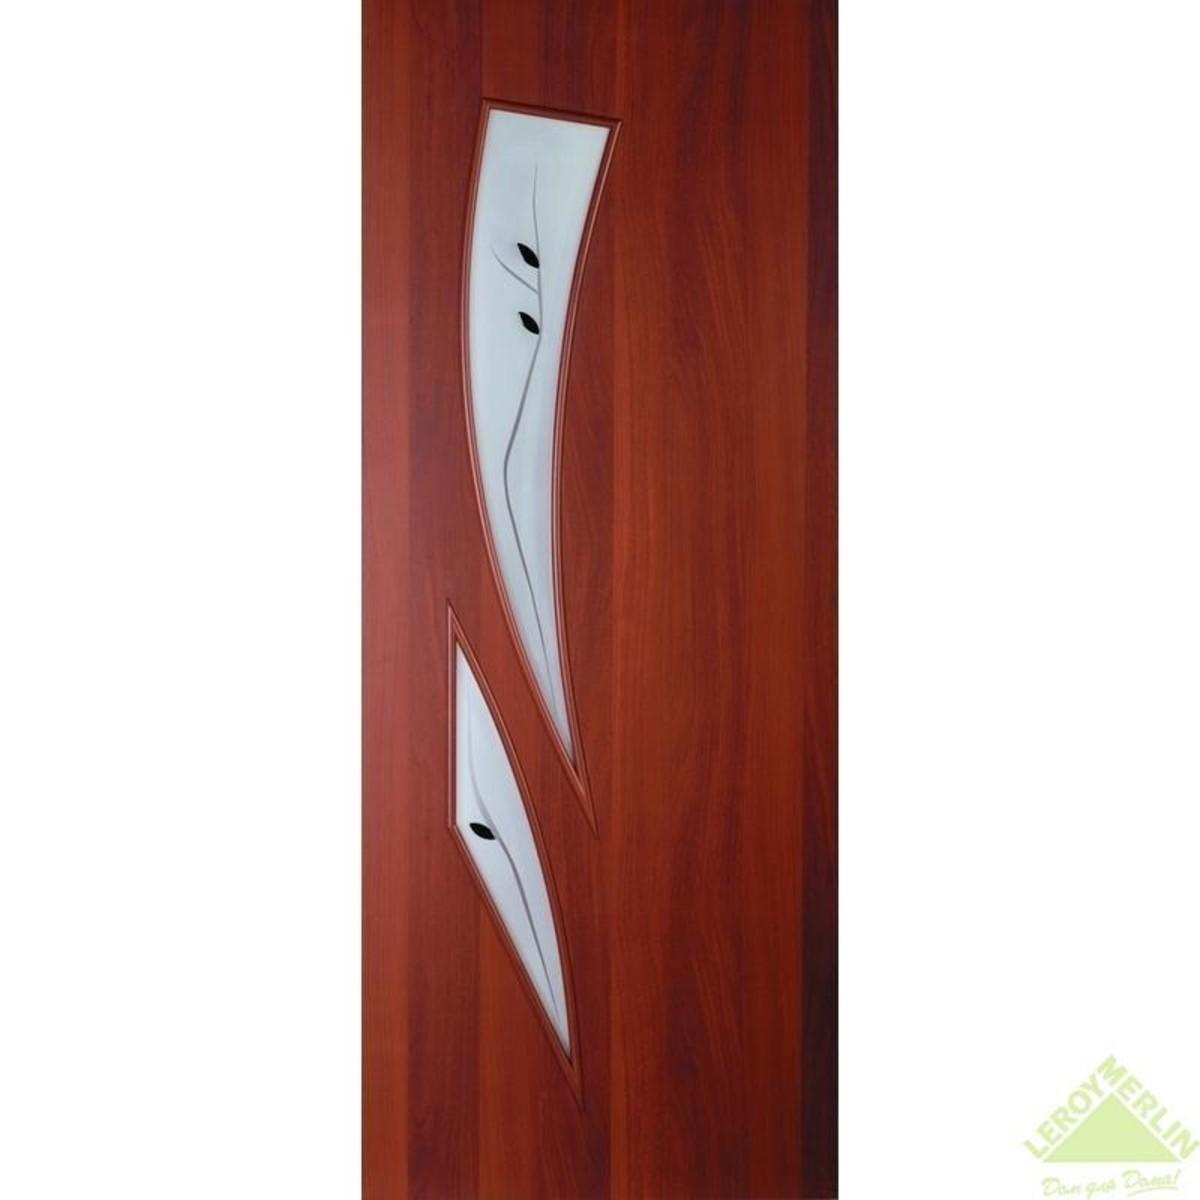 Дверь межкомнатная остеклённая Камея 800x2000 мм ламинация итальянский орех